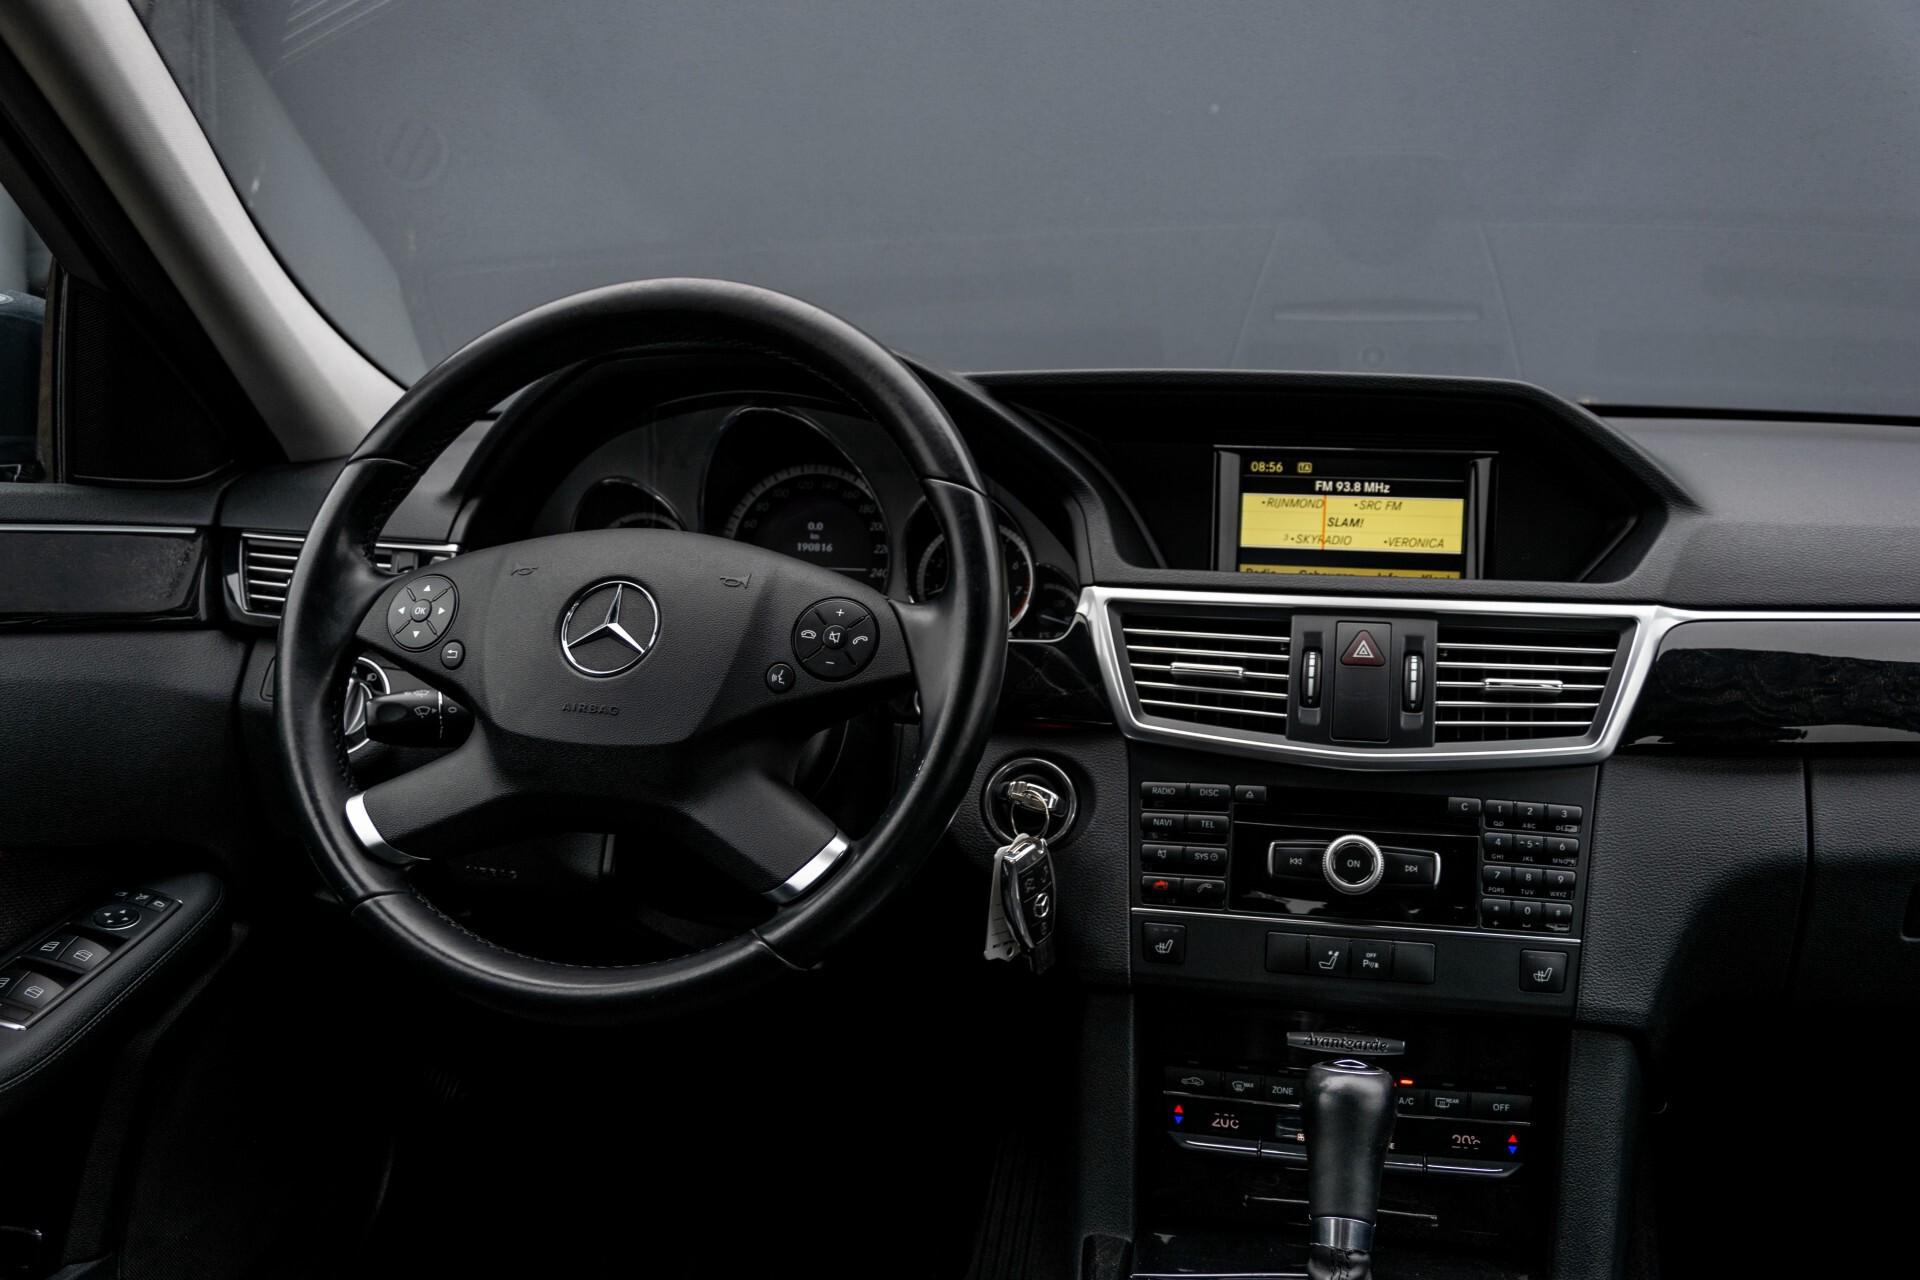 Mercedes-Benz E-Klasse 200 CGI Avantgarde Busines Class Aut5 Foto 6